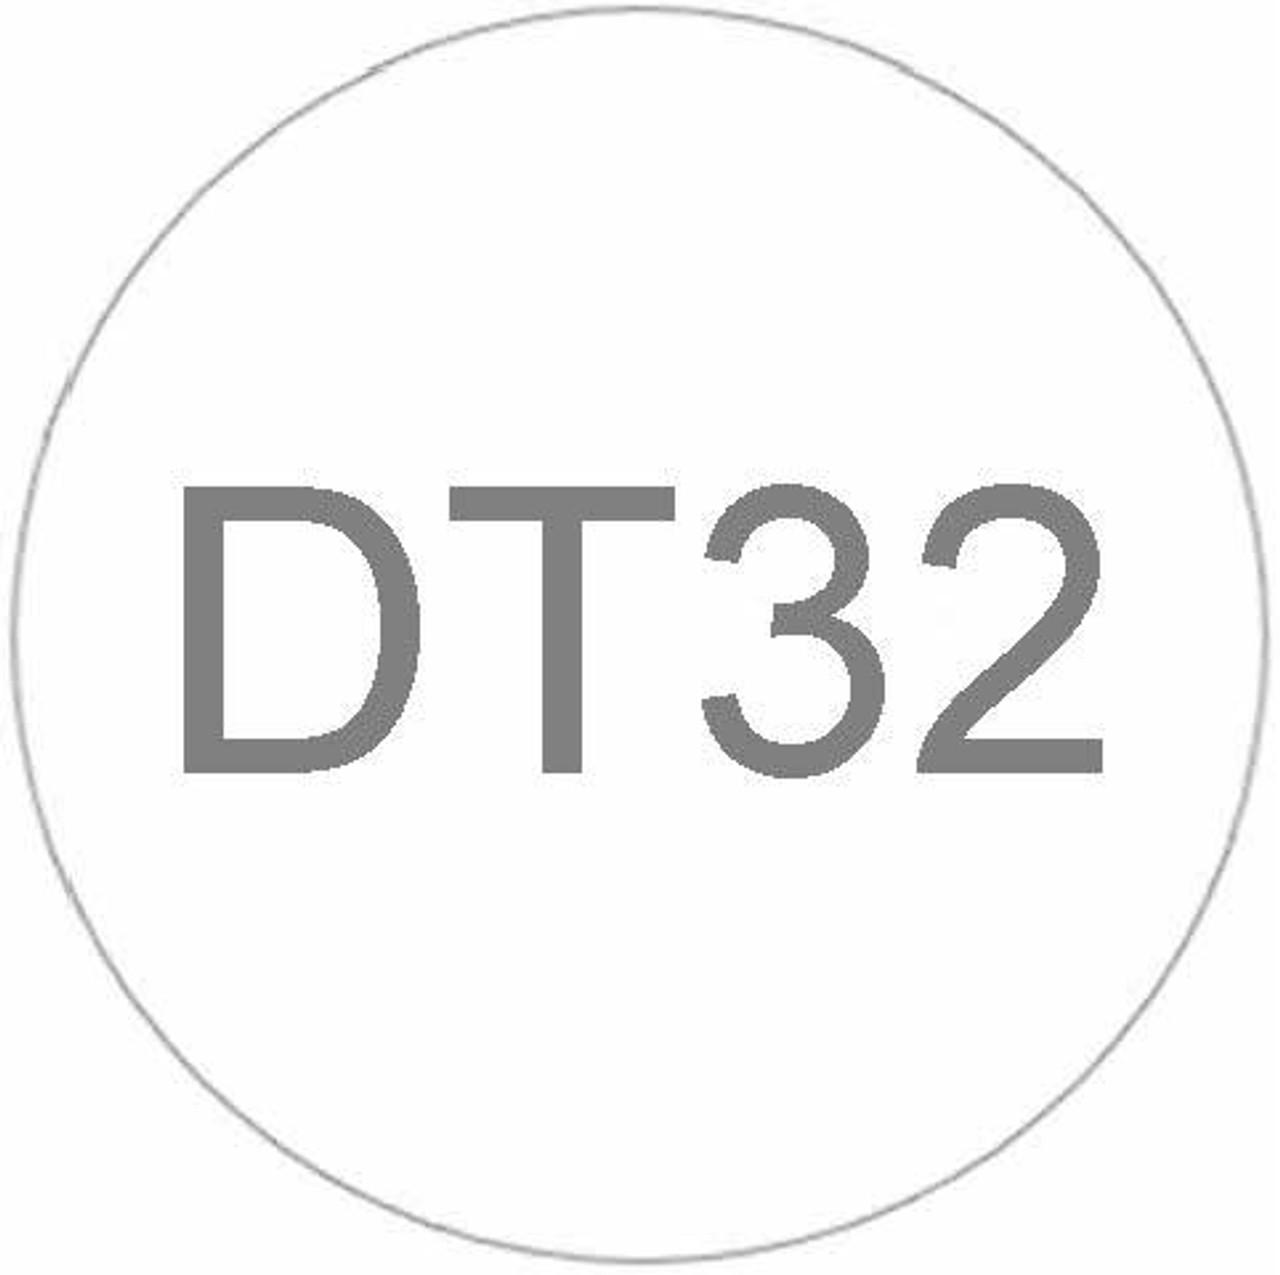 DT32 Soil Sampling System